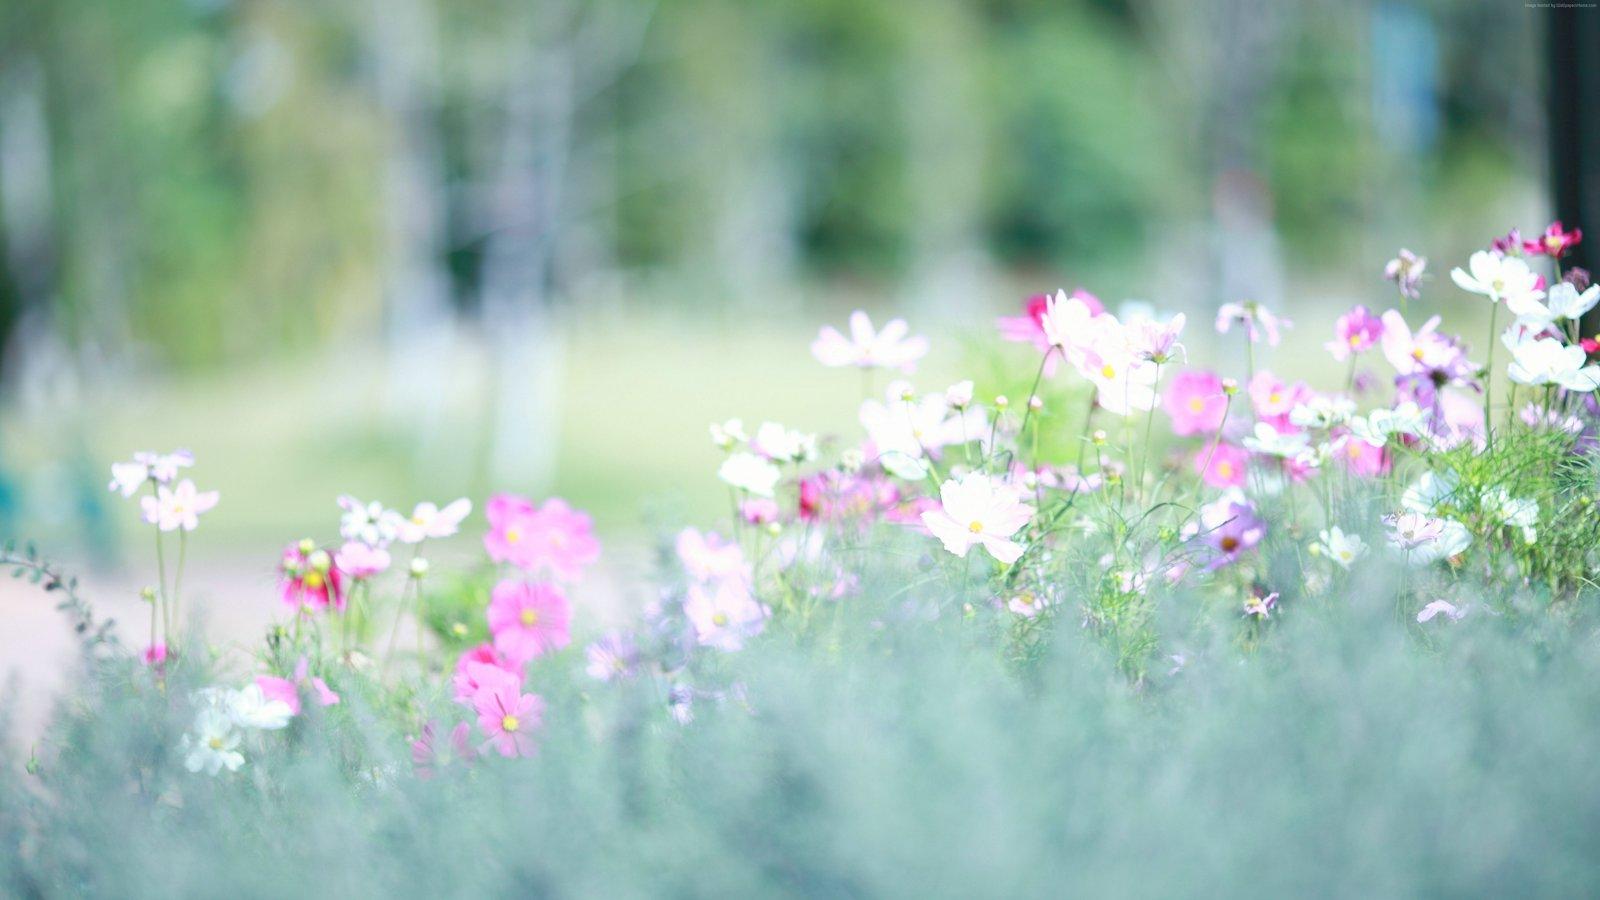 hình ảnh hoa dại